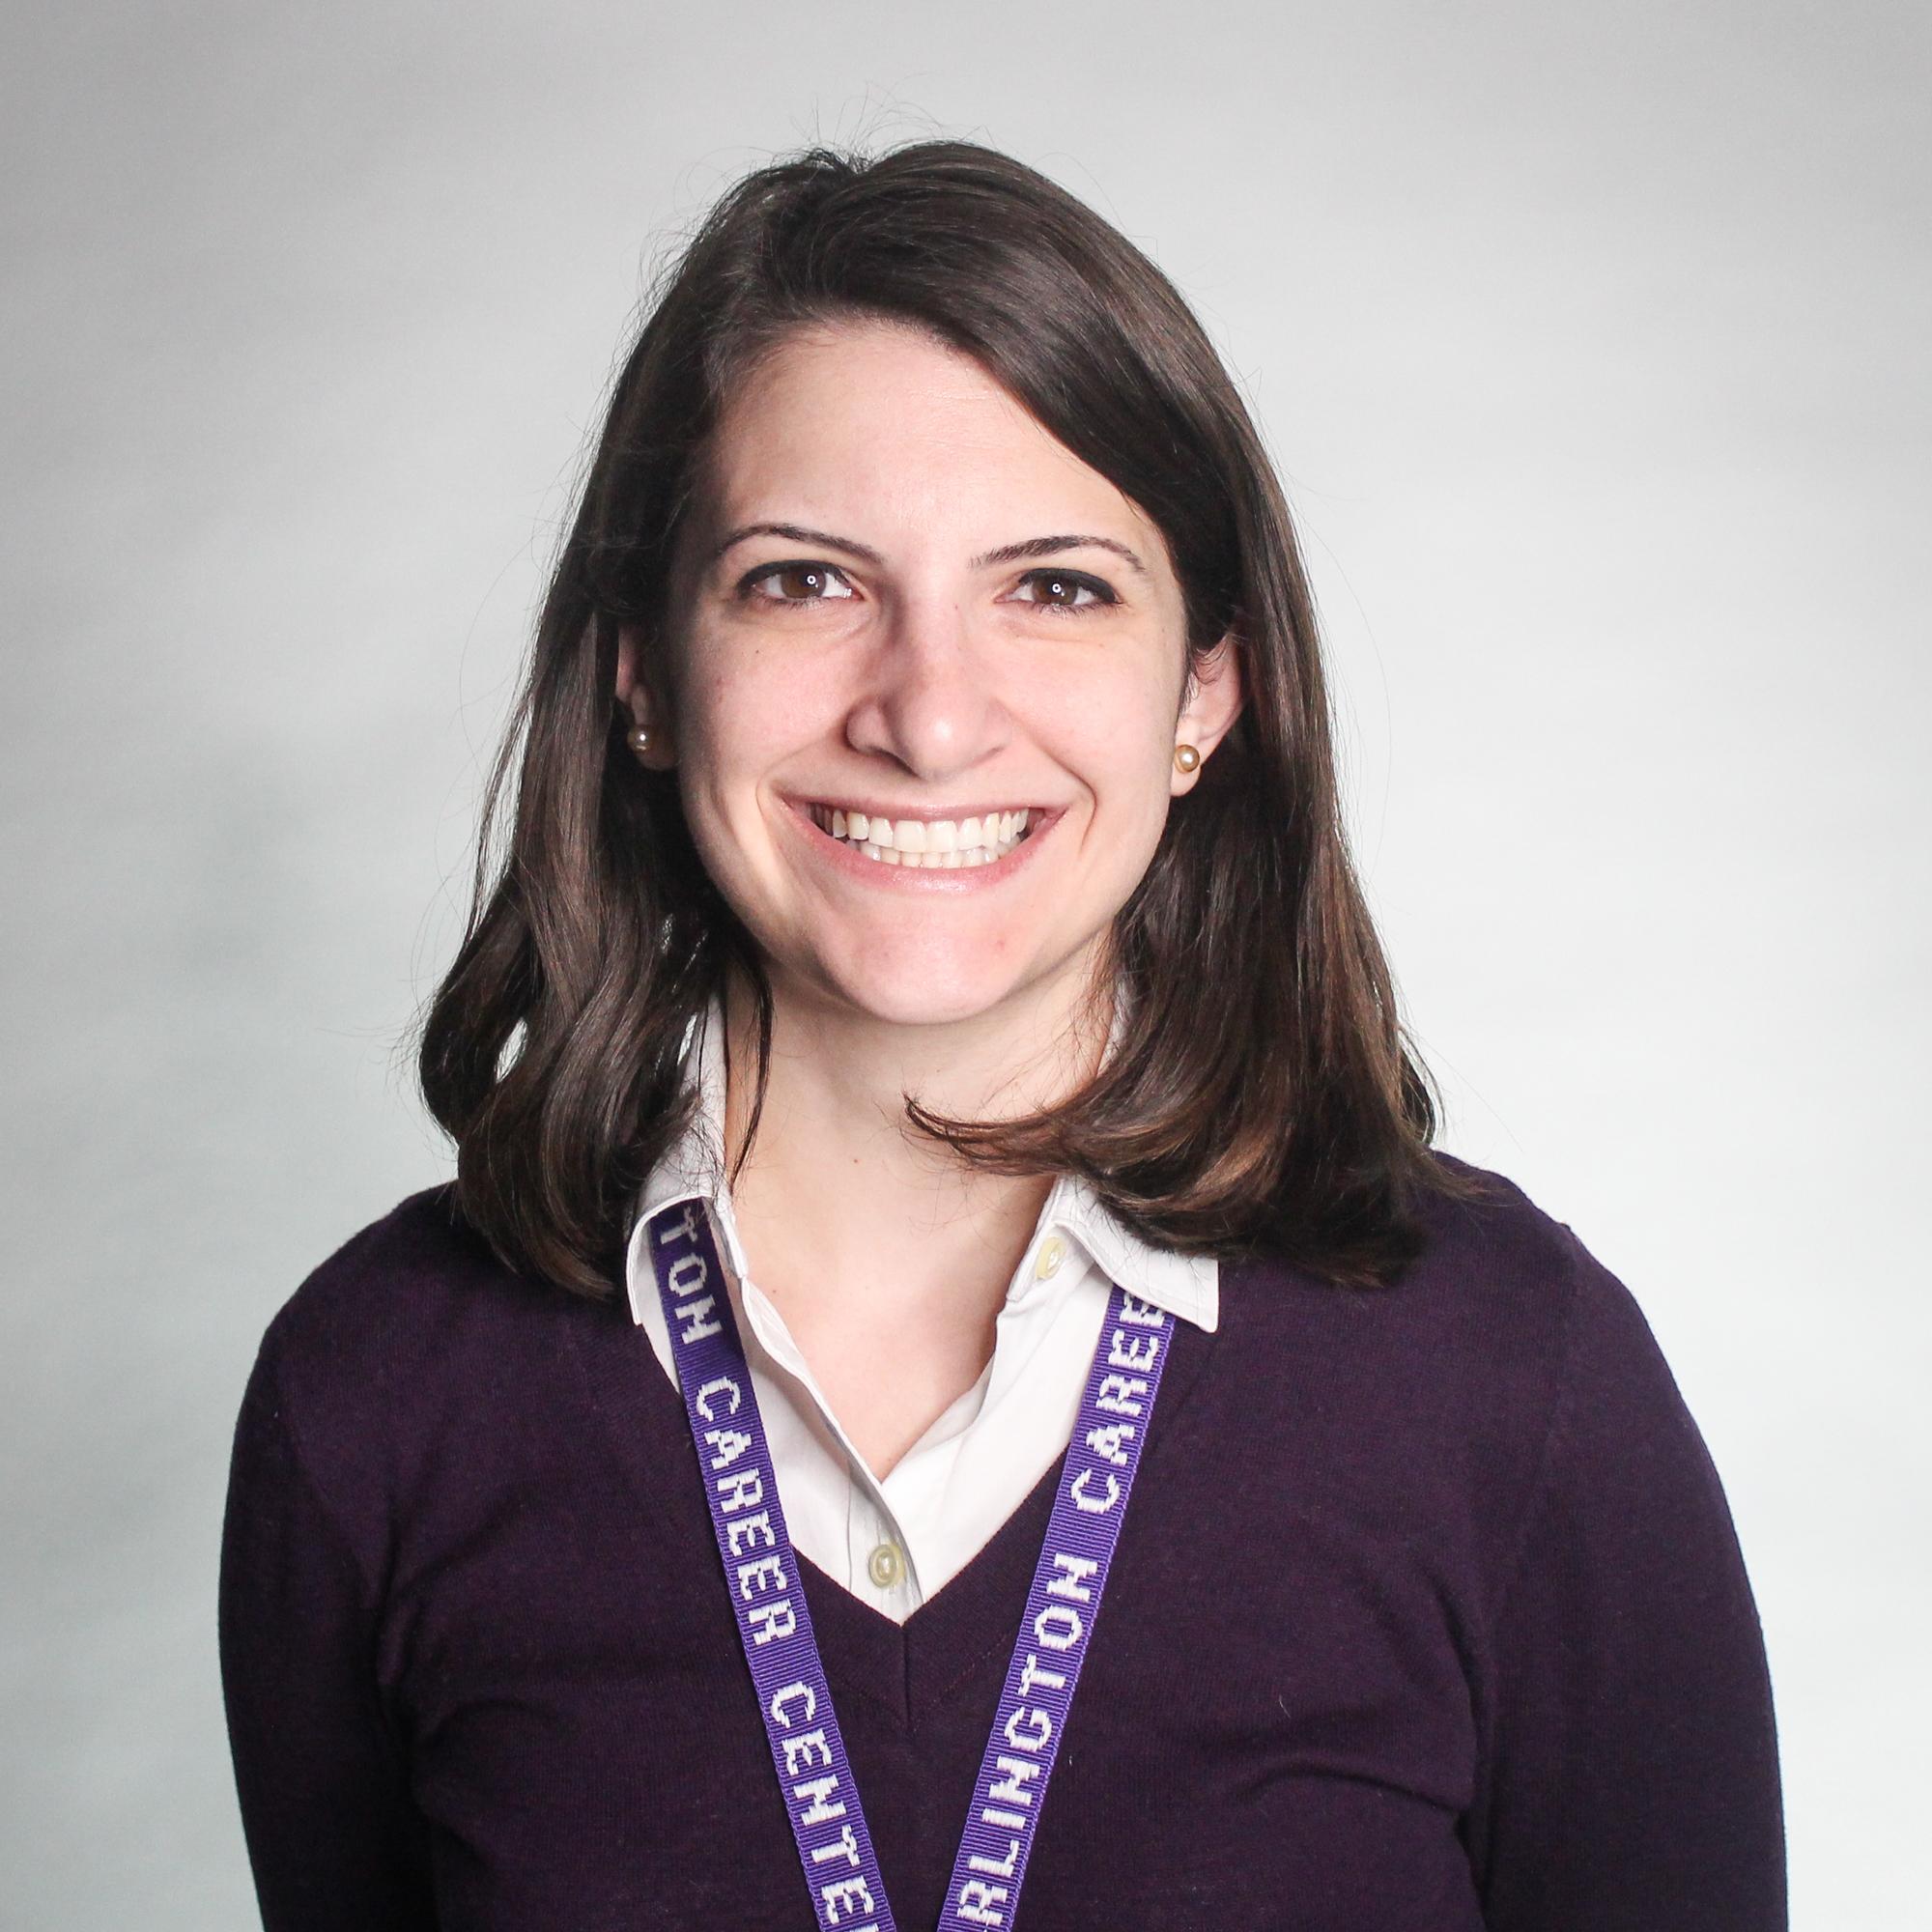 Ms. Cristin Caparotta